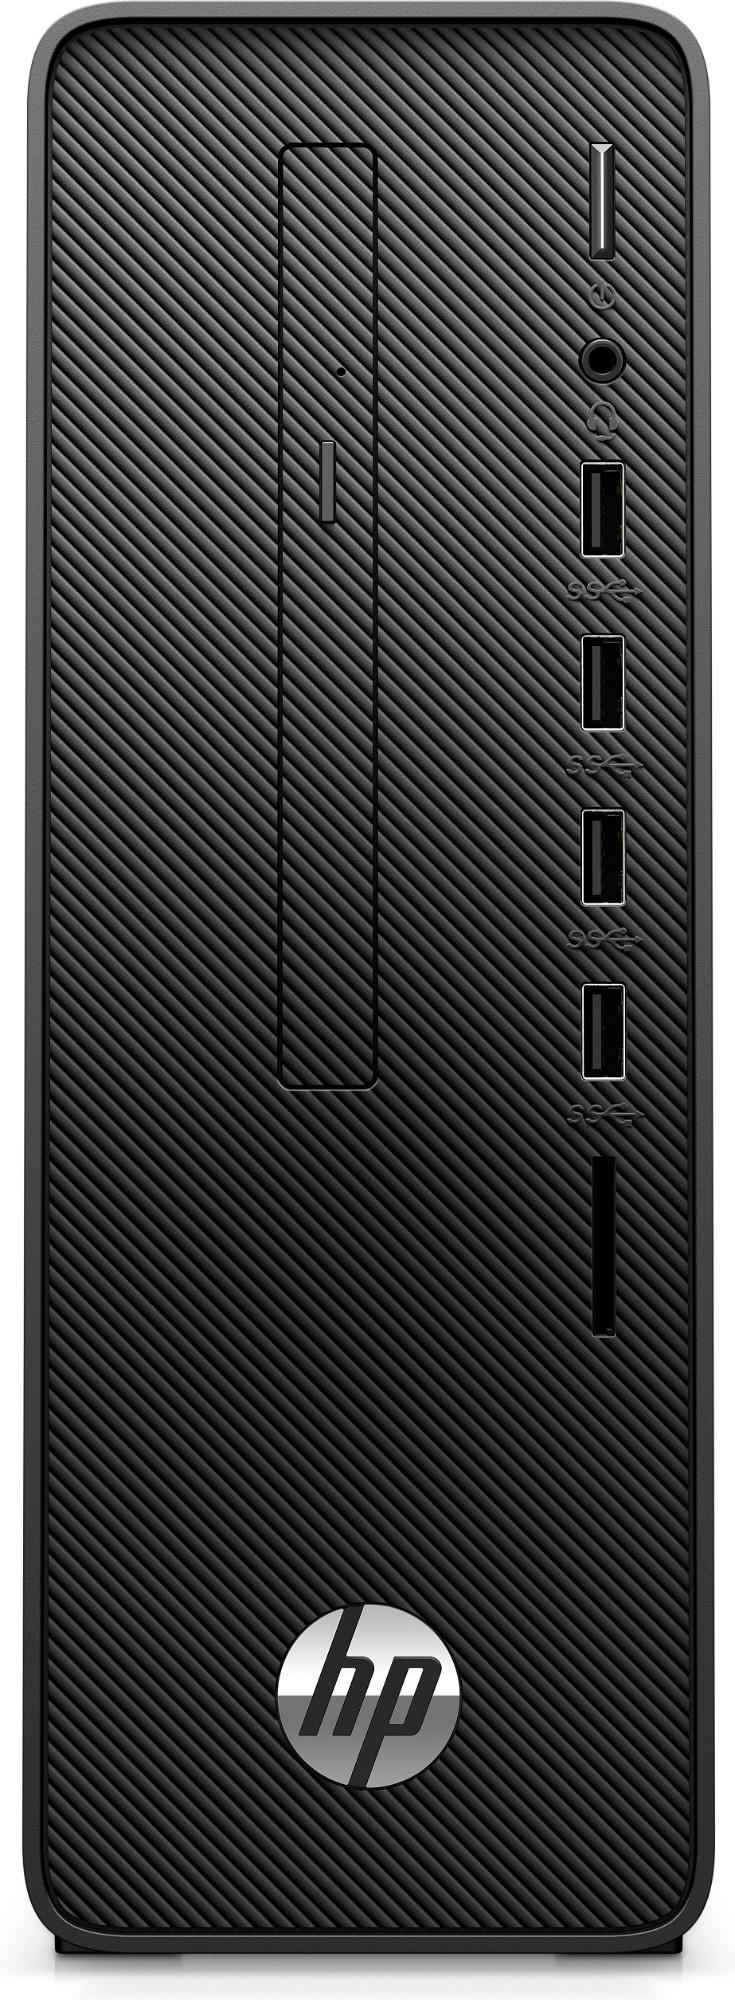 HP 290 G3 DDR4-SDRAM i5-10500 SFF 10th gen Intel-� Core��� i5 8 GB 256 GB SSD Windows 10 Pro PC Black